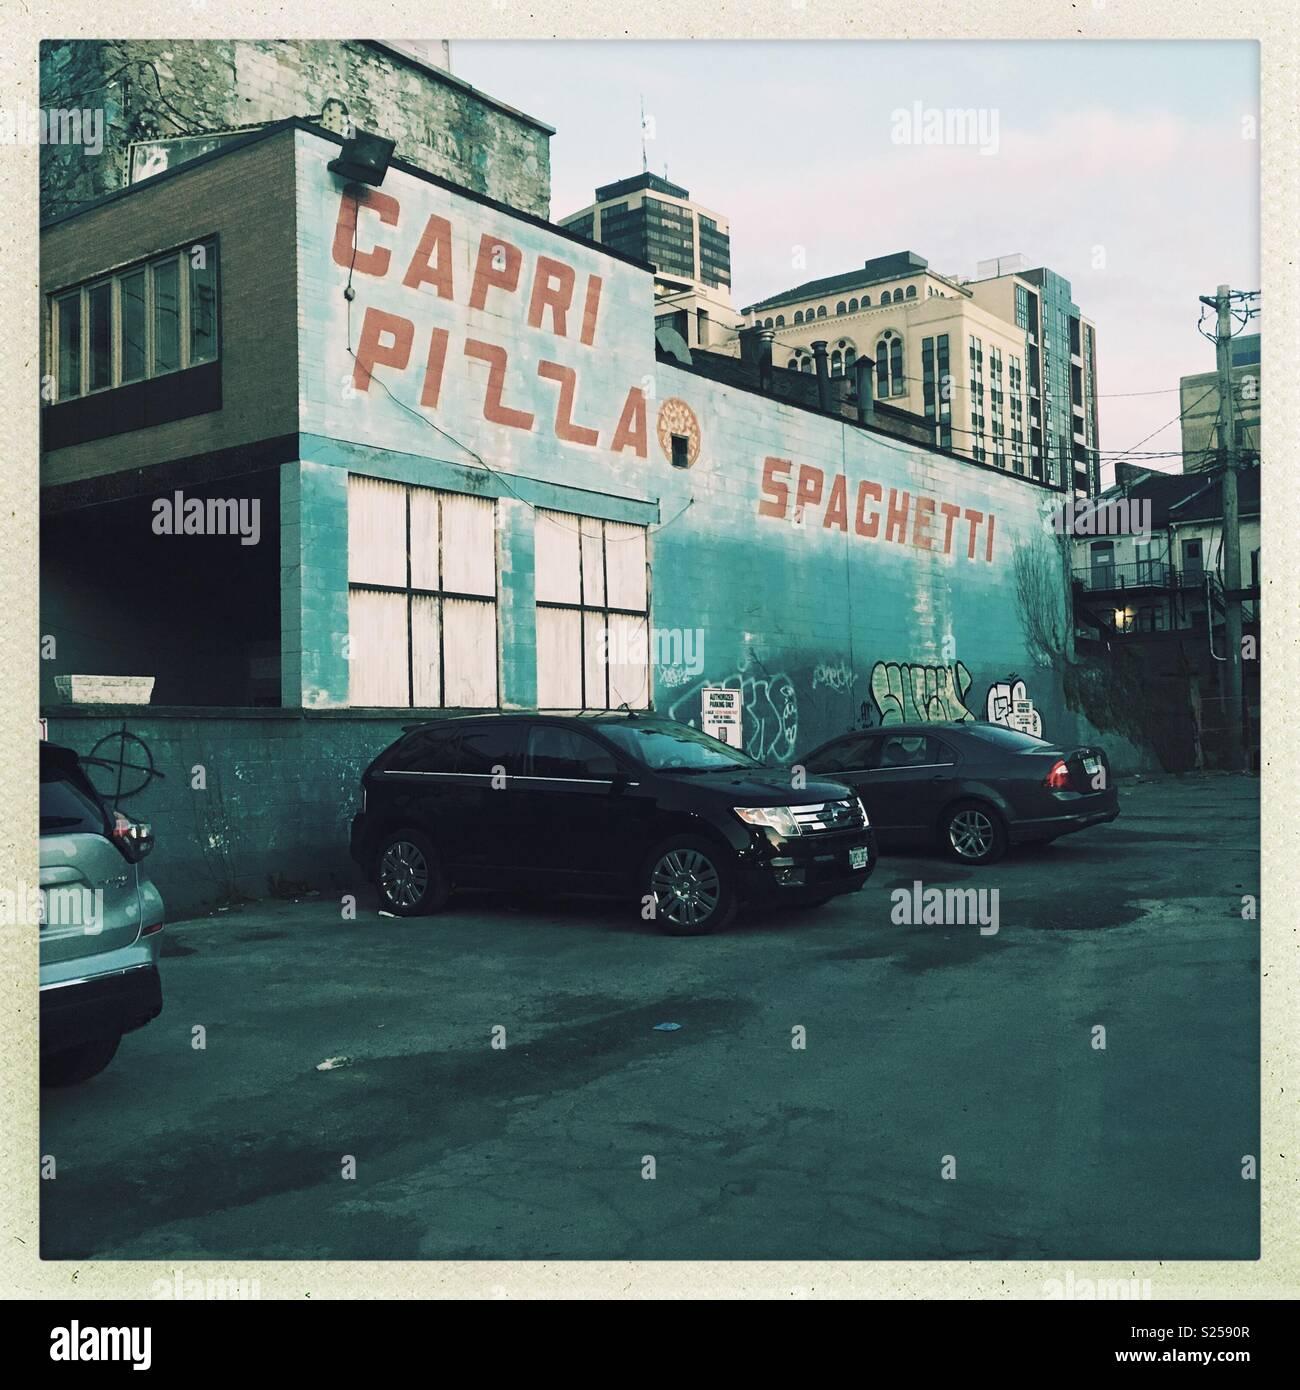 Capri Pizza Spaghetti, städtischen Szene, Hamilton, Ontario, Kanada Stockfoto